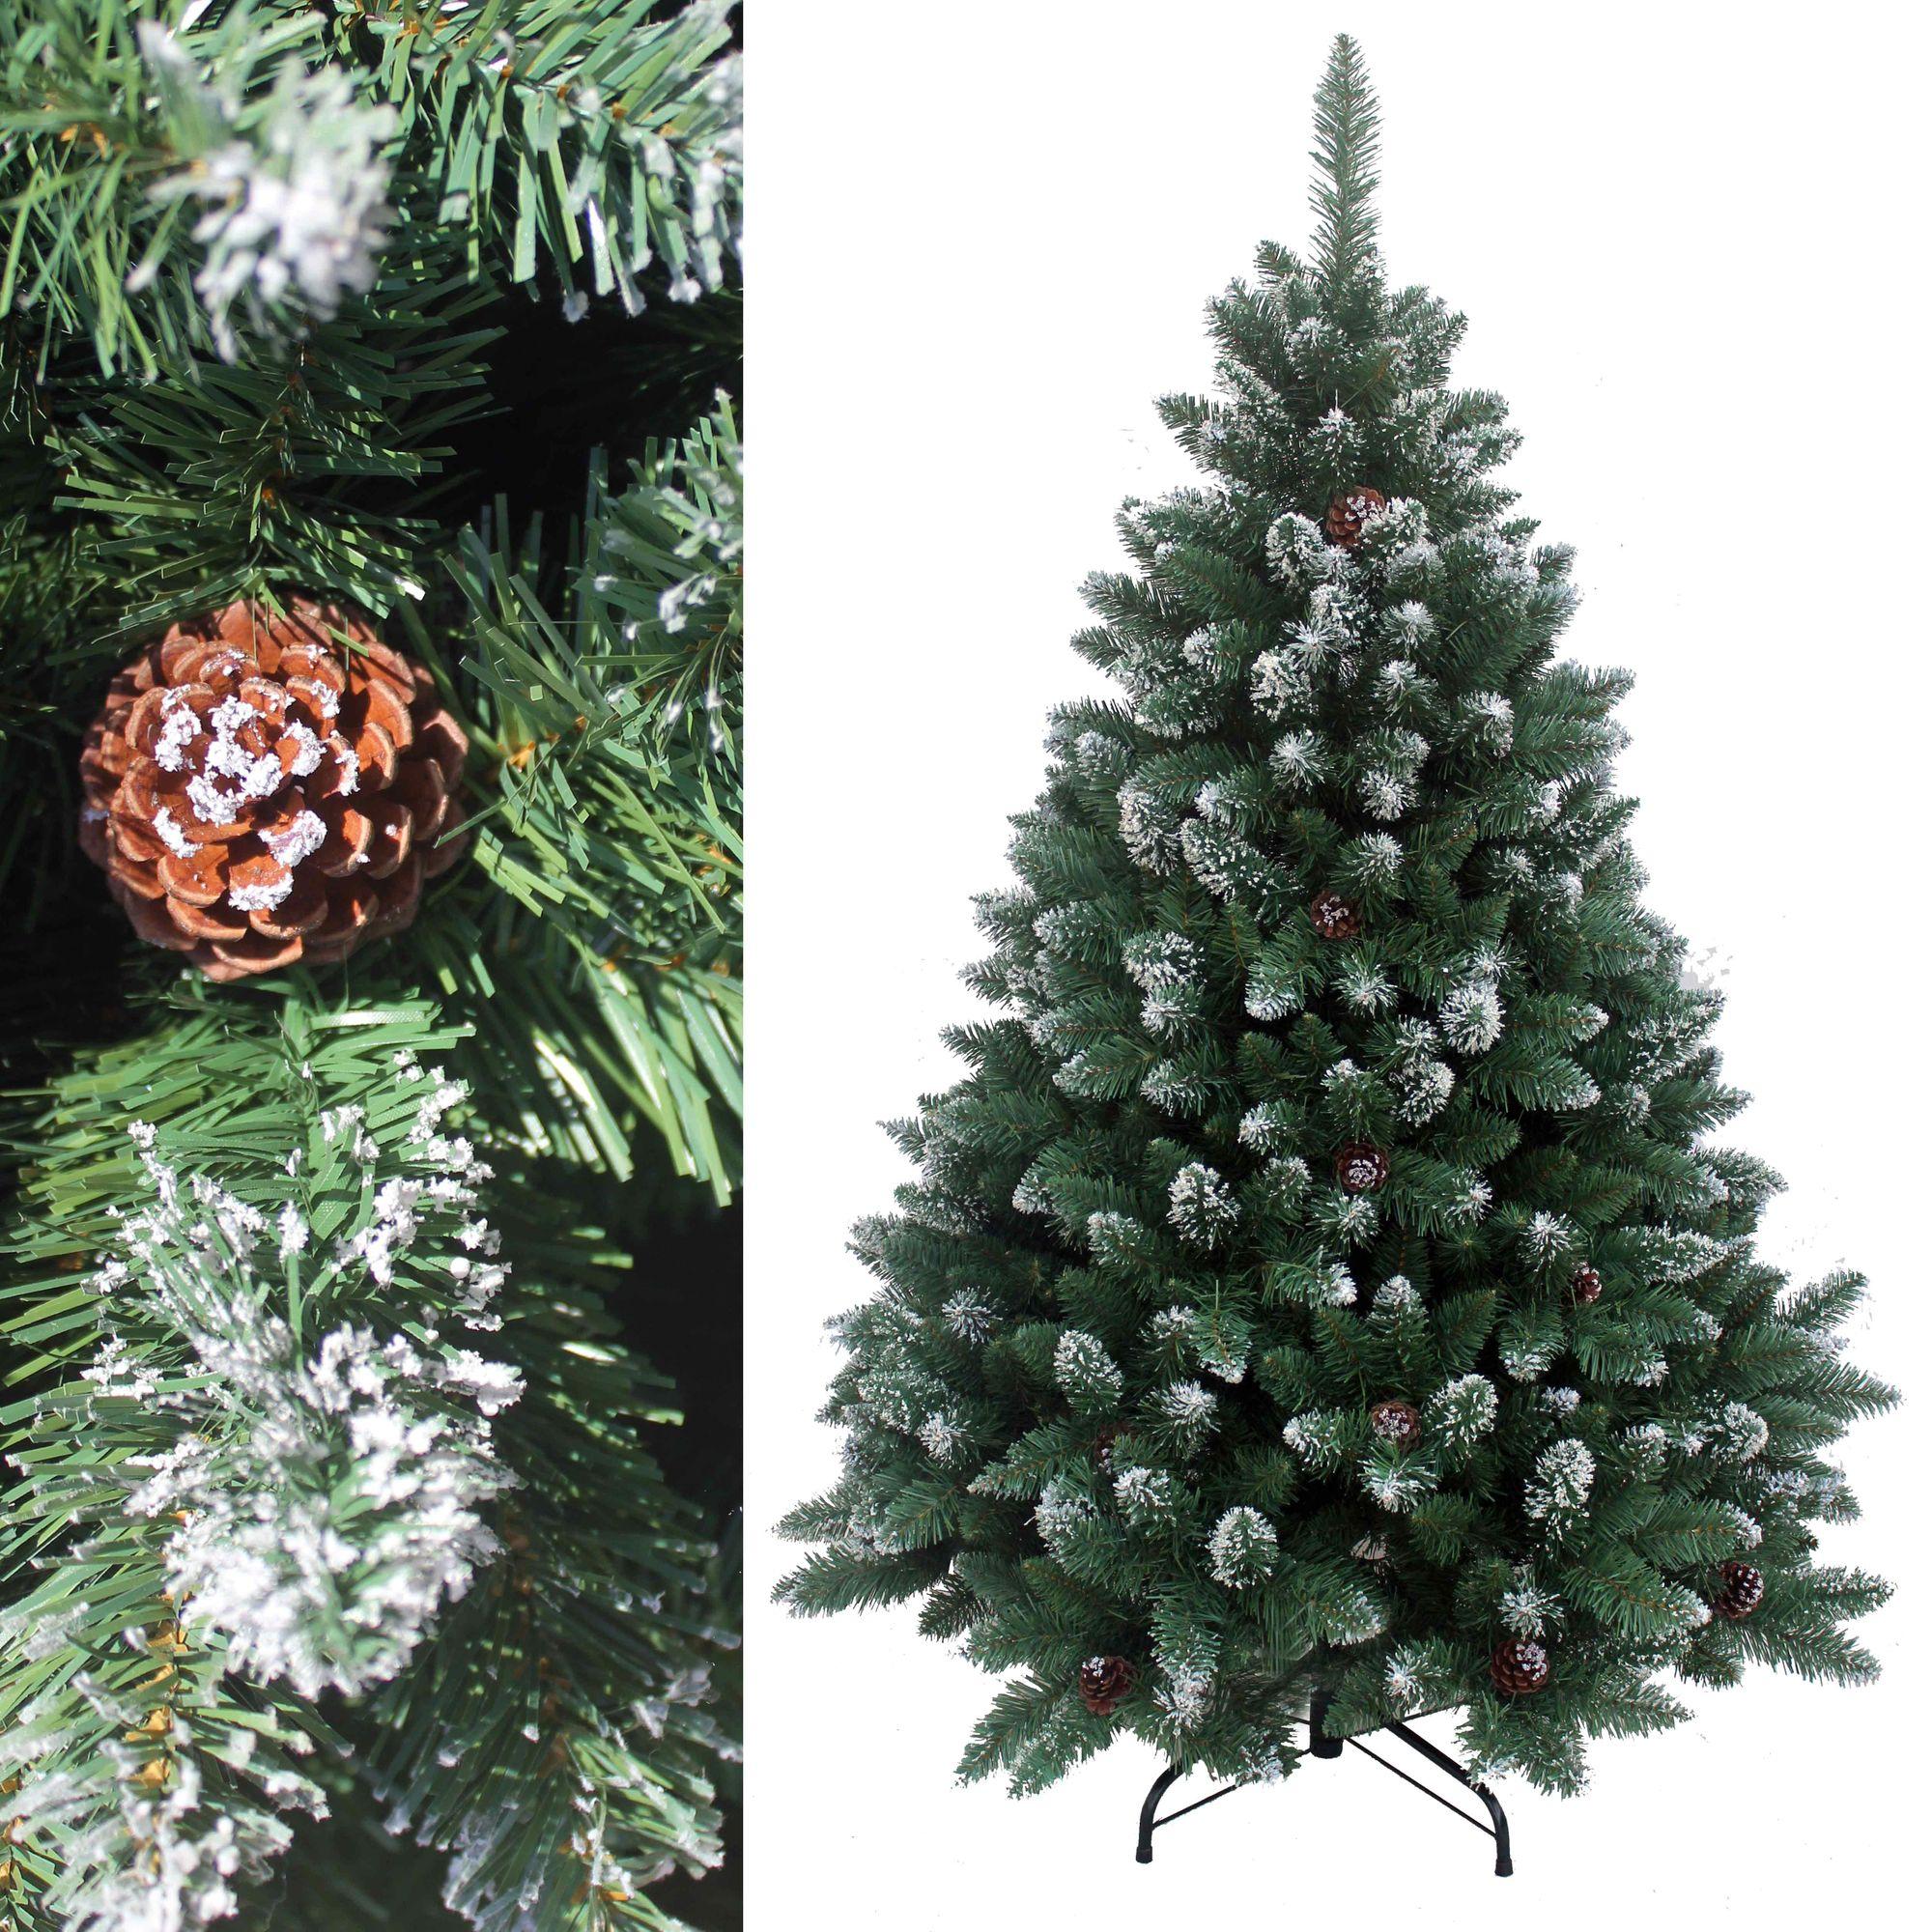 210 cm k nstlicher weihnachtsbaum christbaum tannenbaum deko mit schnee k nstliche. Black Bedroom Furniture Sets. Home Design Ideas